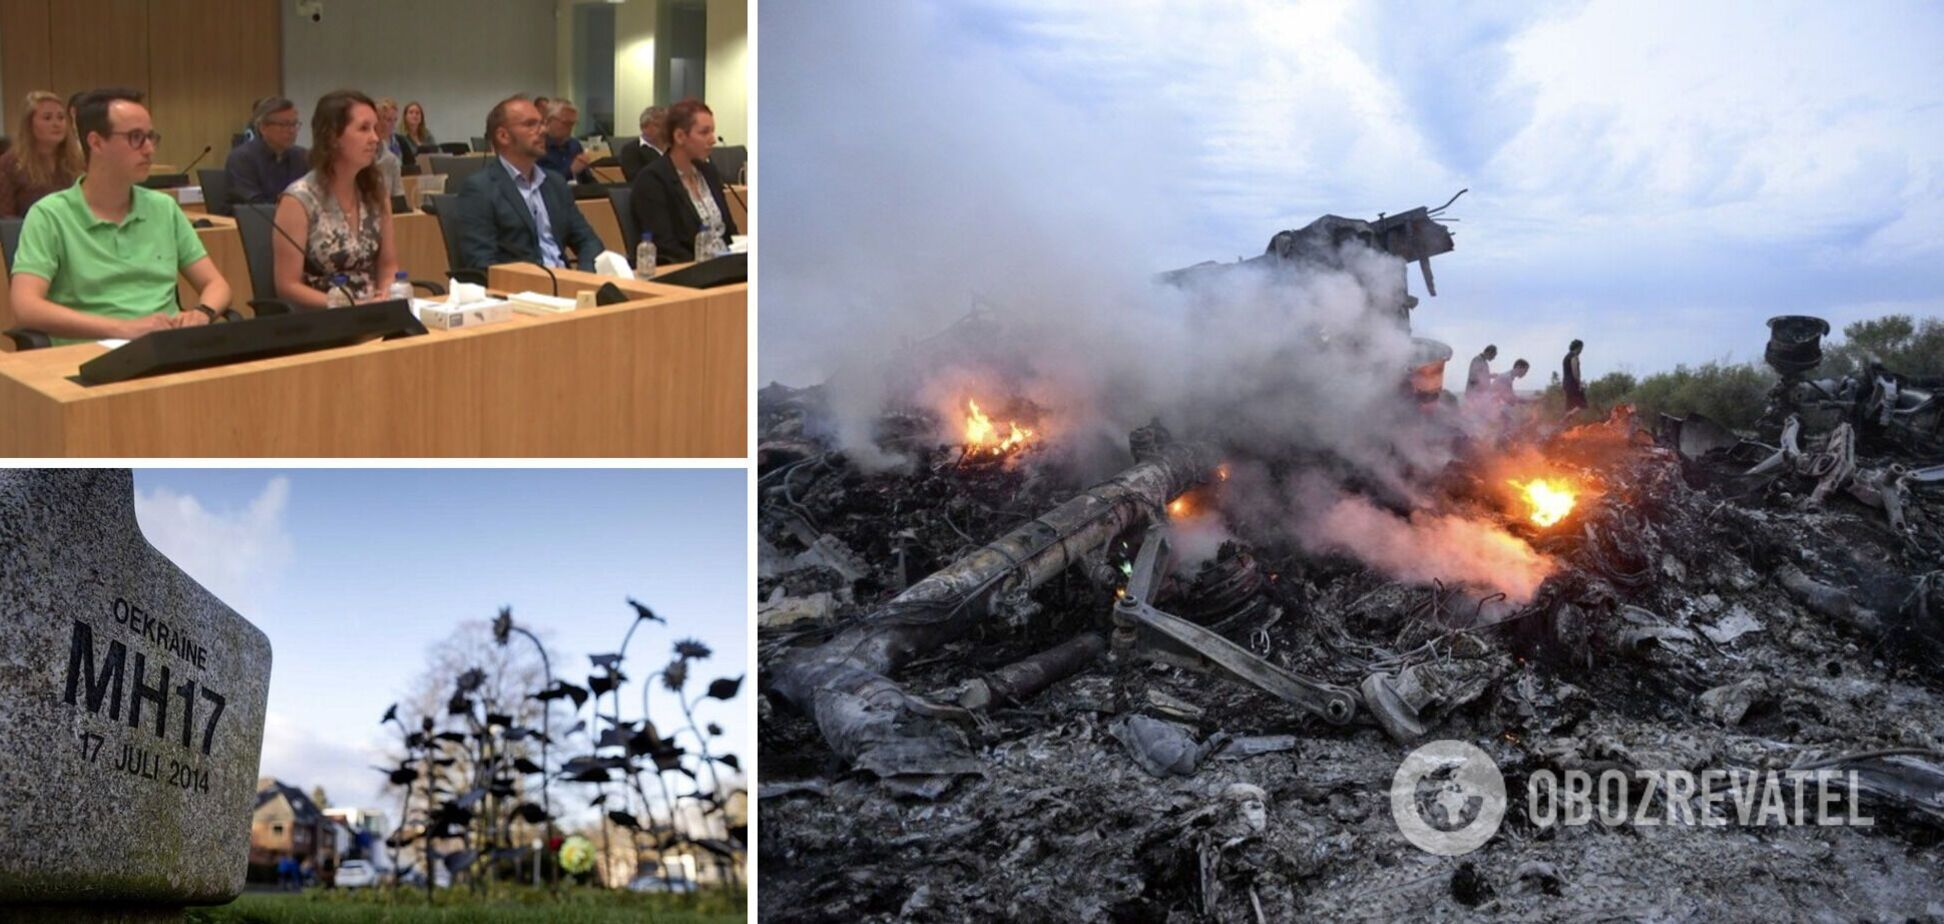 Жінка, яка втратила у катастрофі МН17 батьків, виступила в Гаазі: мені було дуже важко, я вчилася жити знову